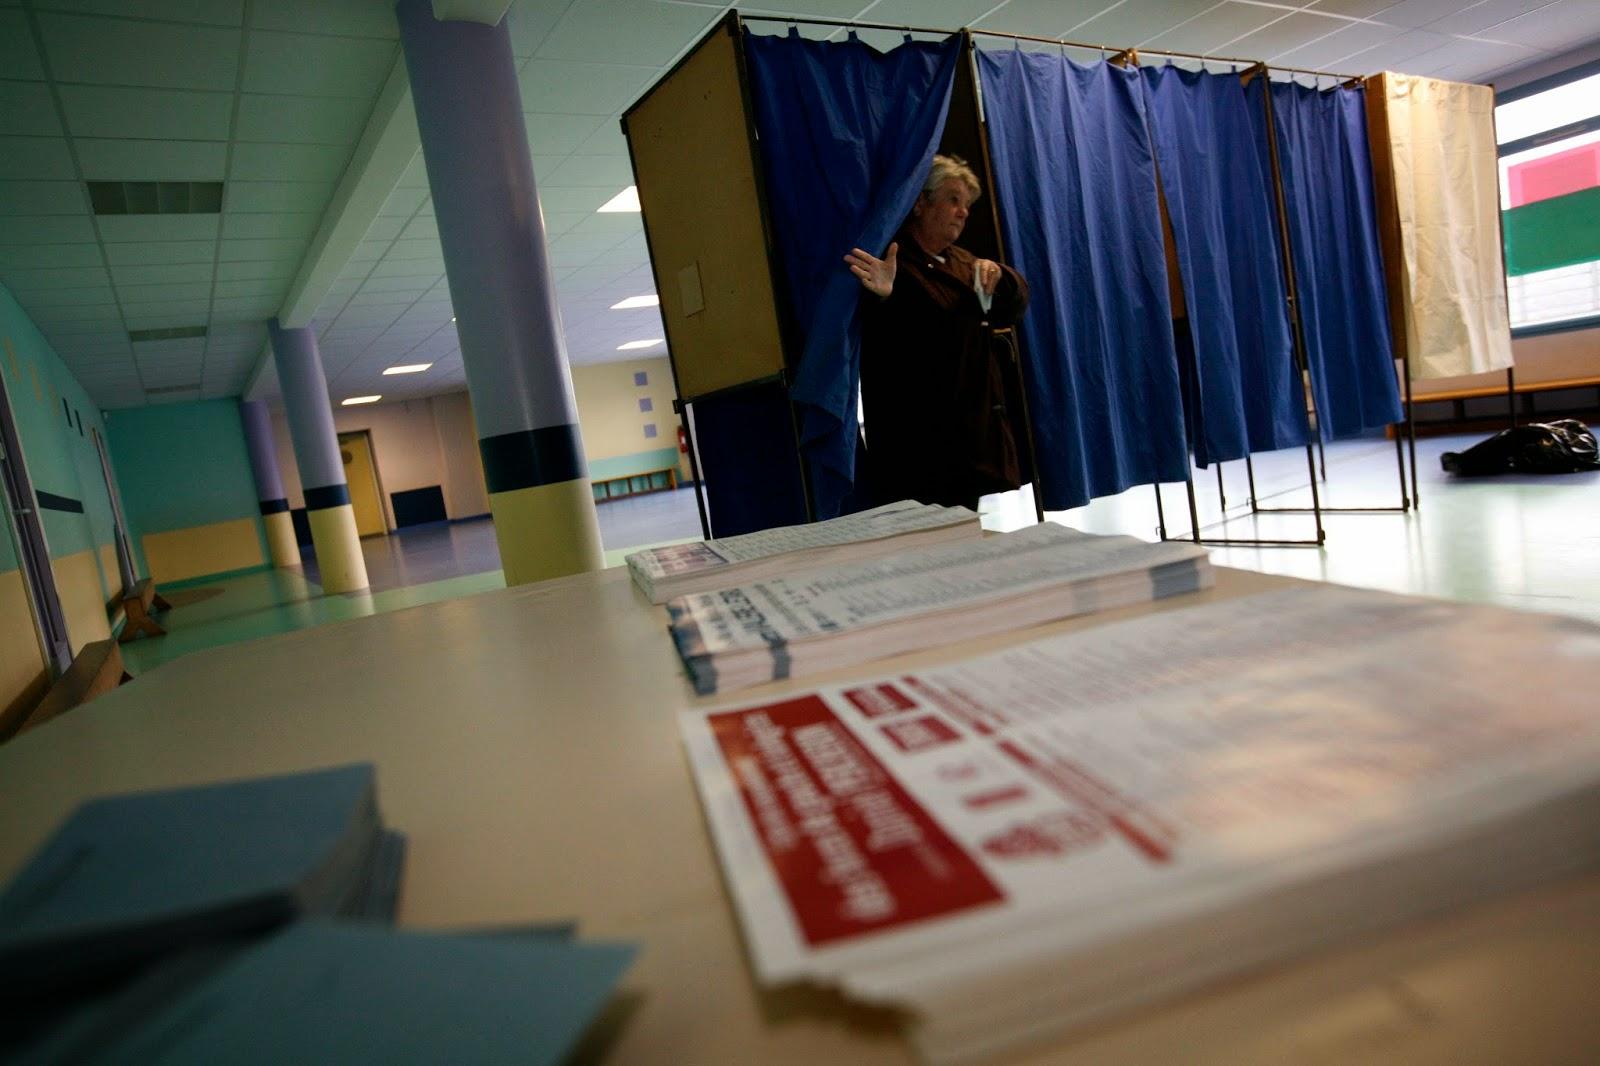 Τί ποσοστά έδωσε στα κόμματα ο Δήμος Αιγάλεω - Εκλογές 2015